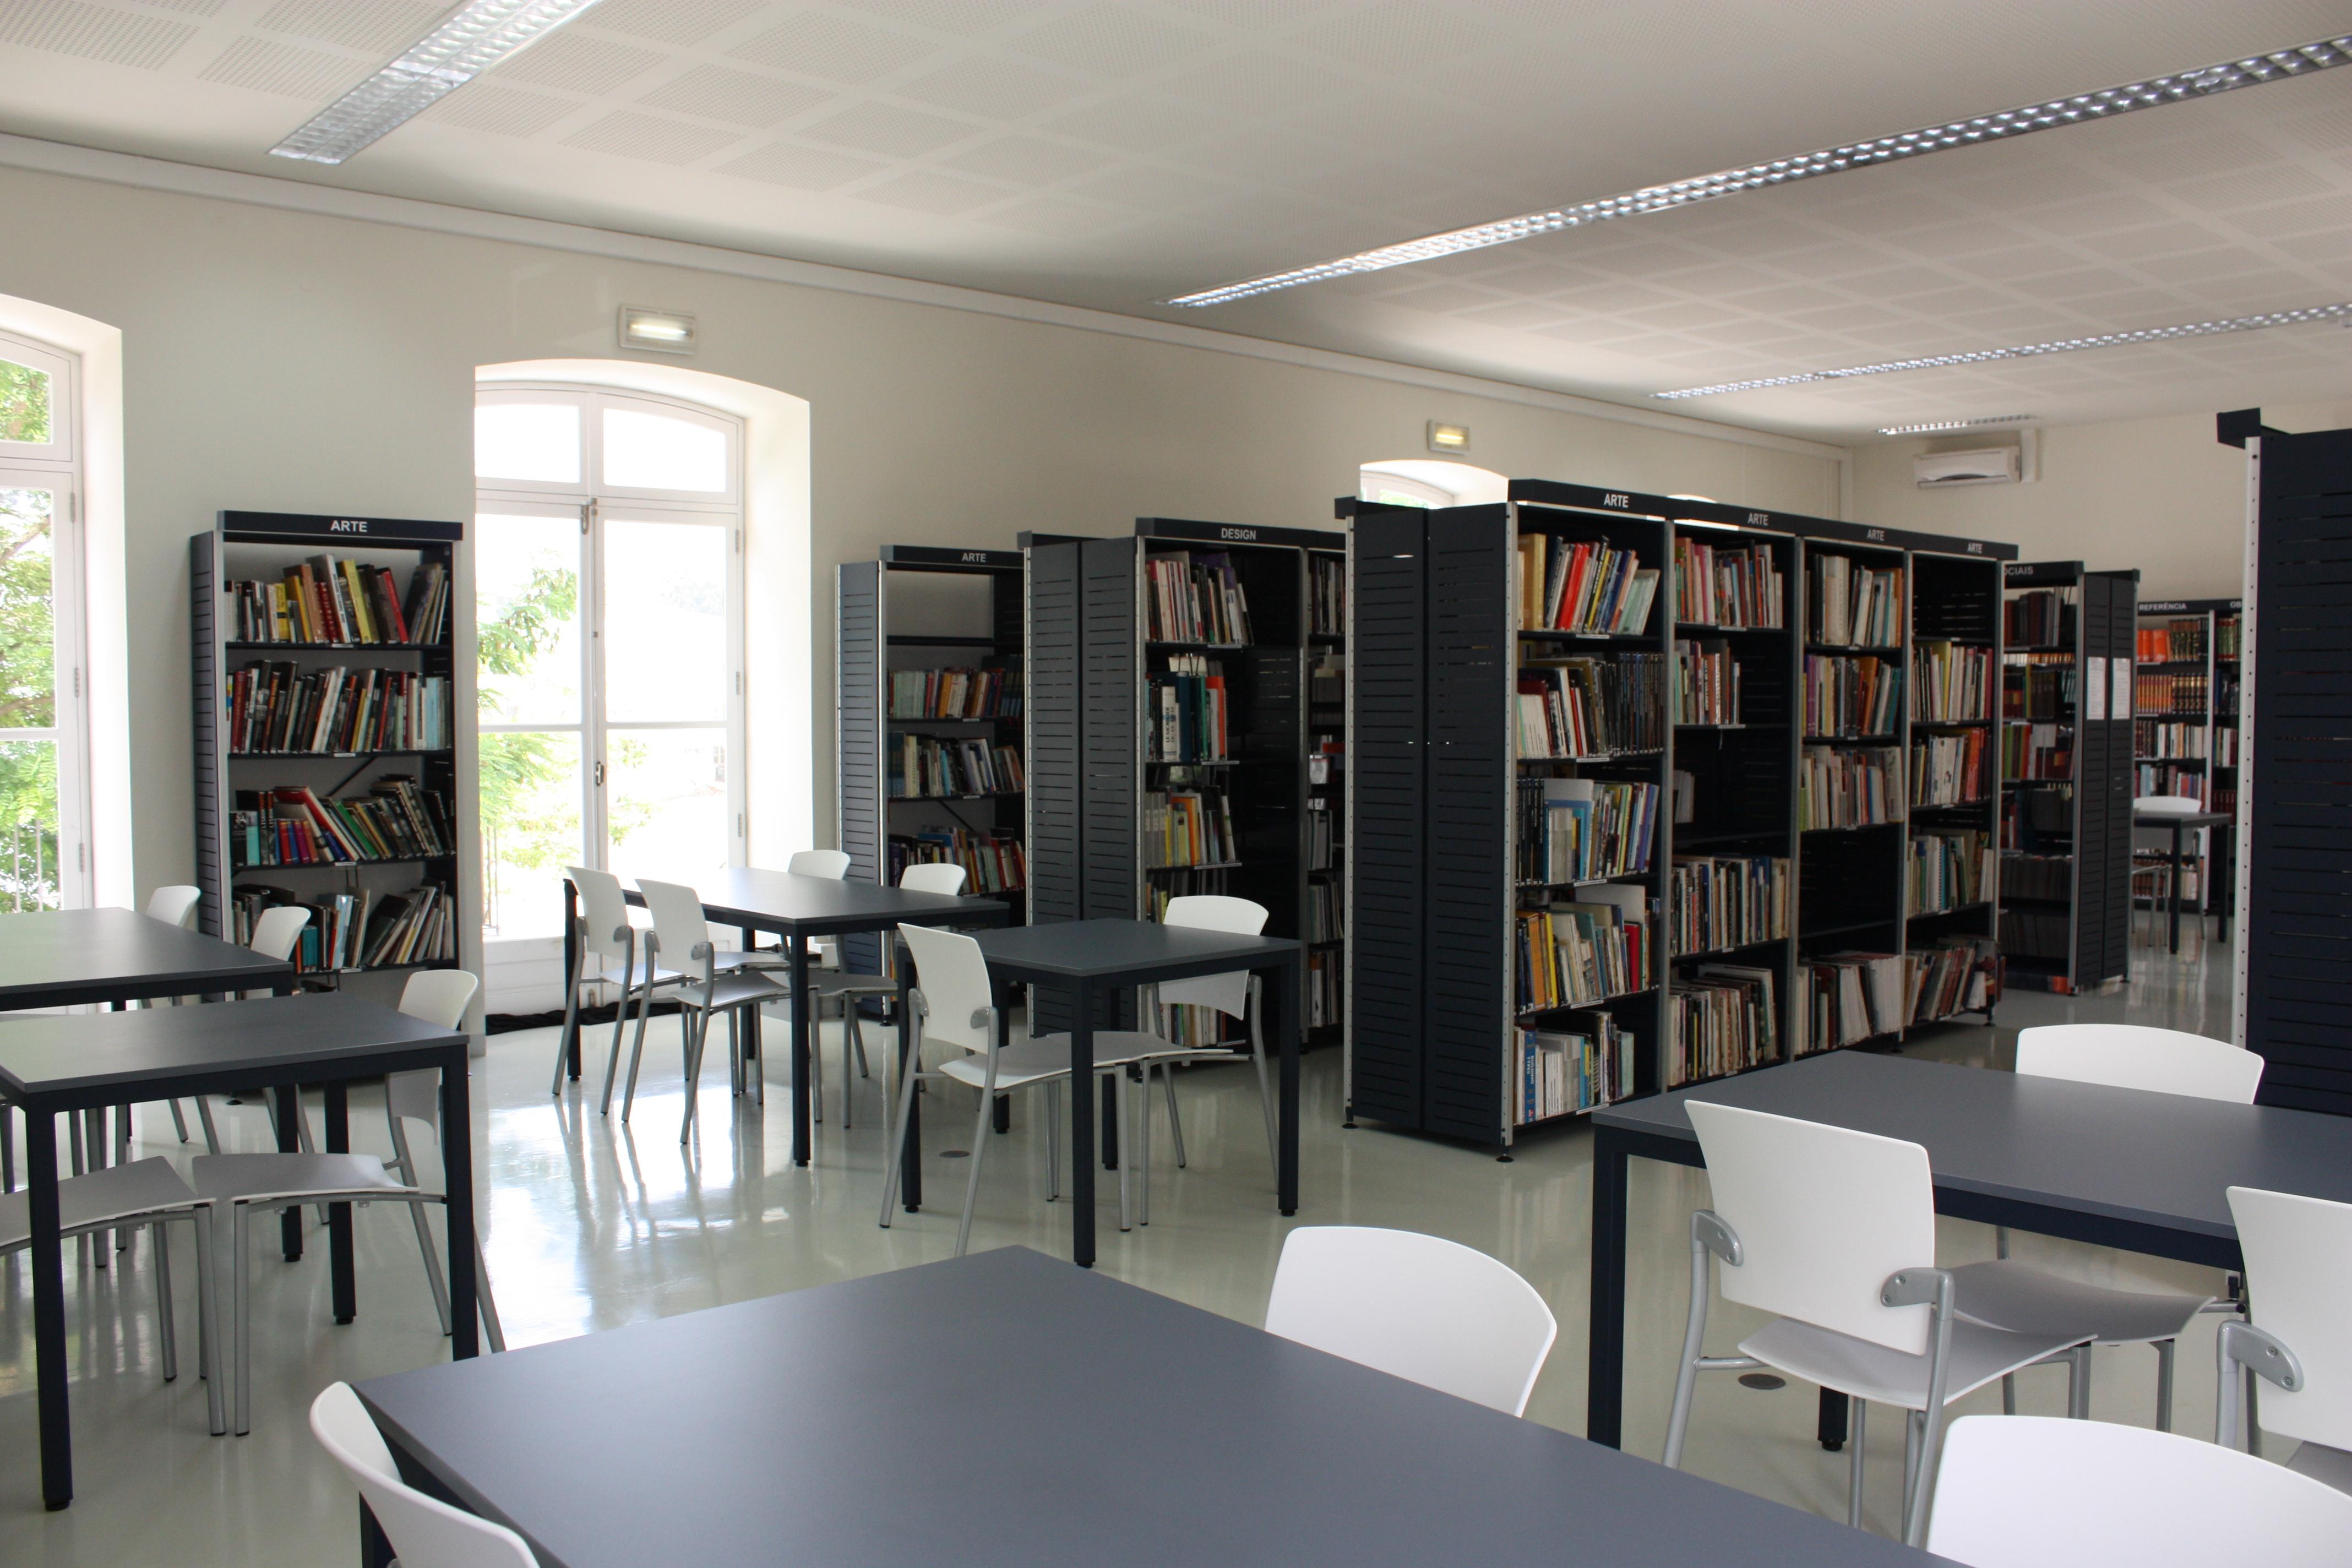 Biblioteca Do Campus 3 Esad Cr Bibliotecas Do Polit Cnico De Leiria -> Sala De Tv E Biblioteca